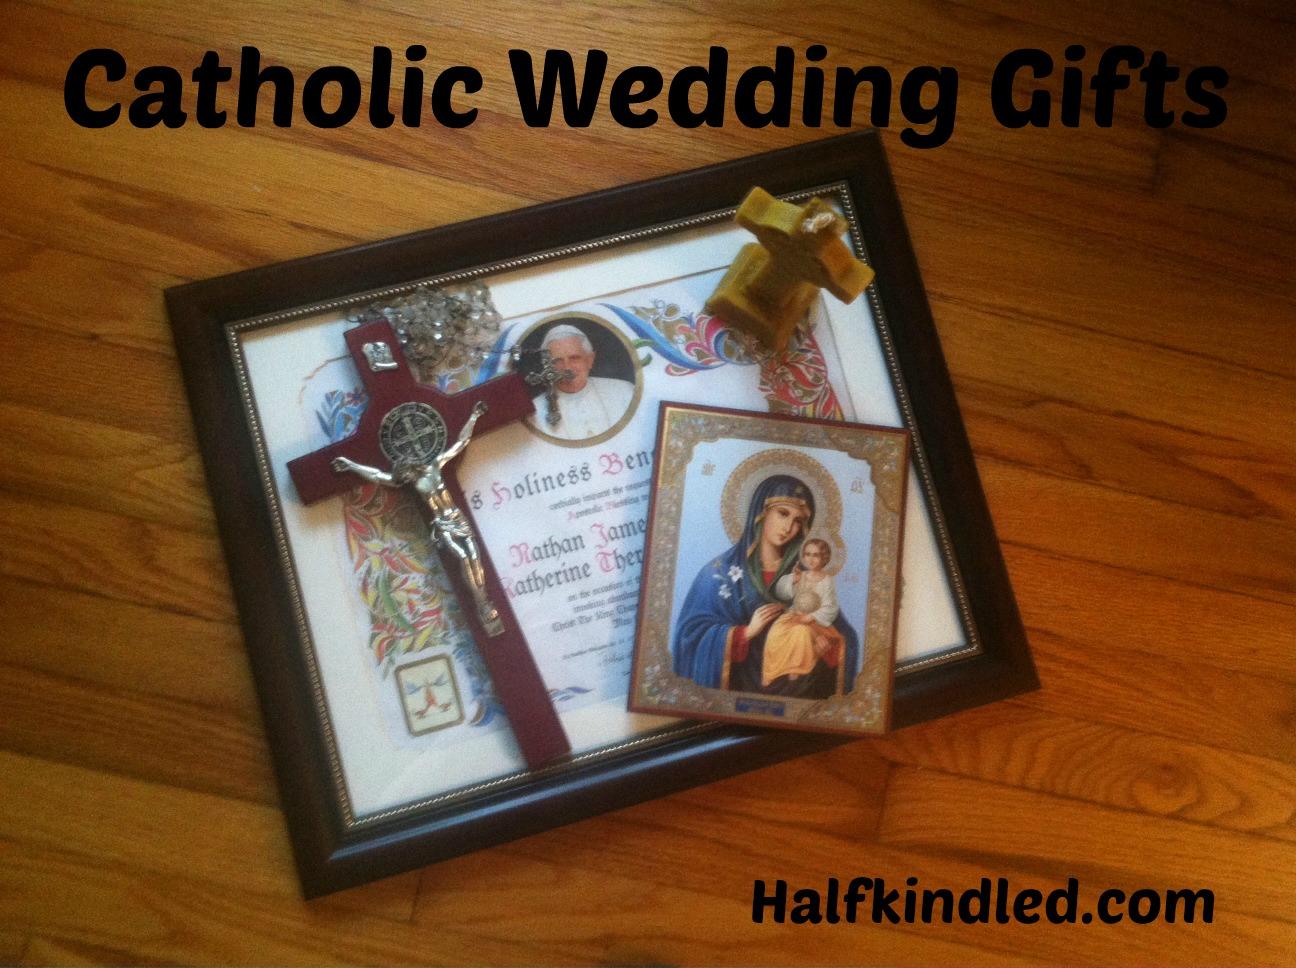 Favorite Wedding Gifts: Favorite Catholic Wedding Gifts